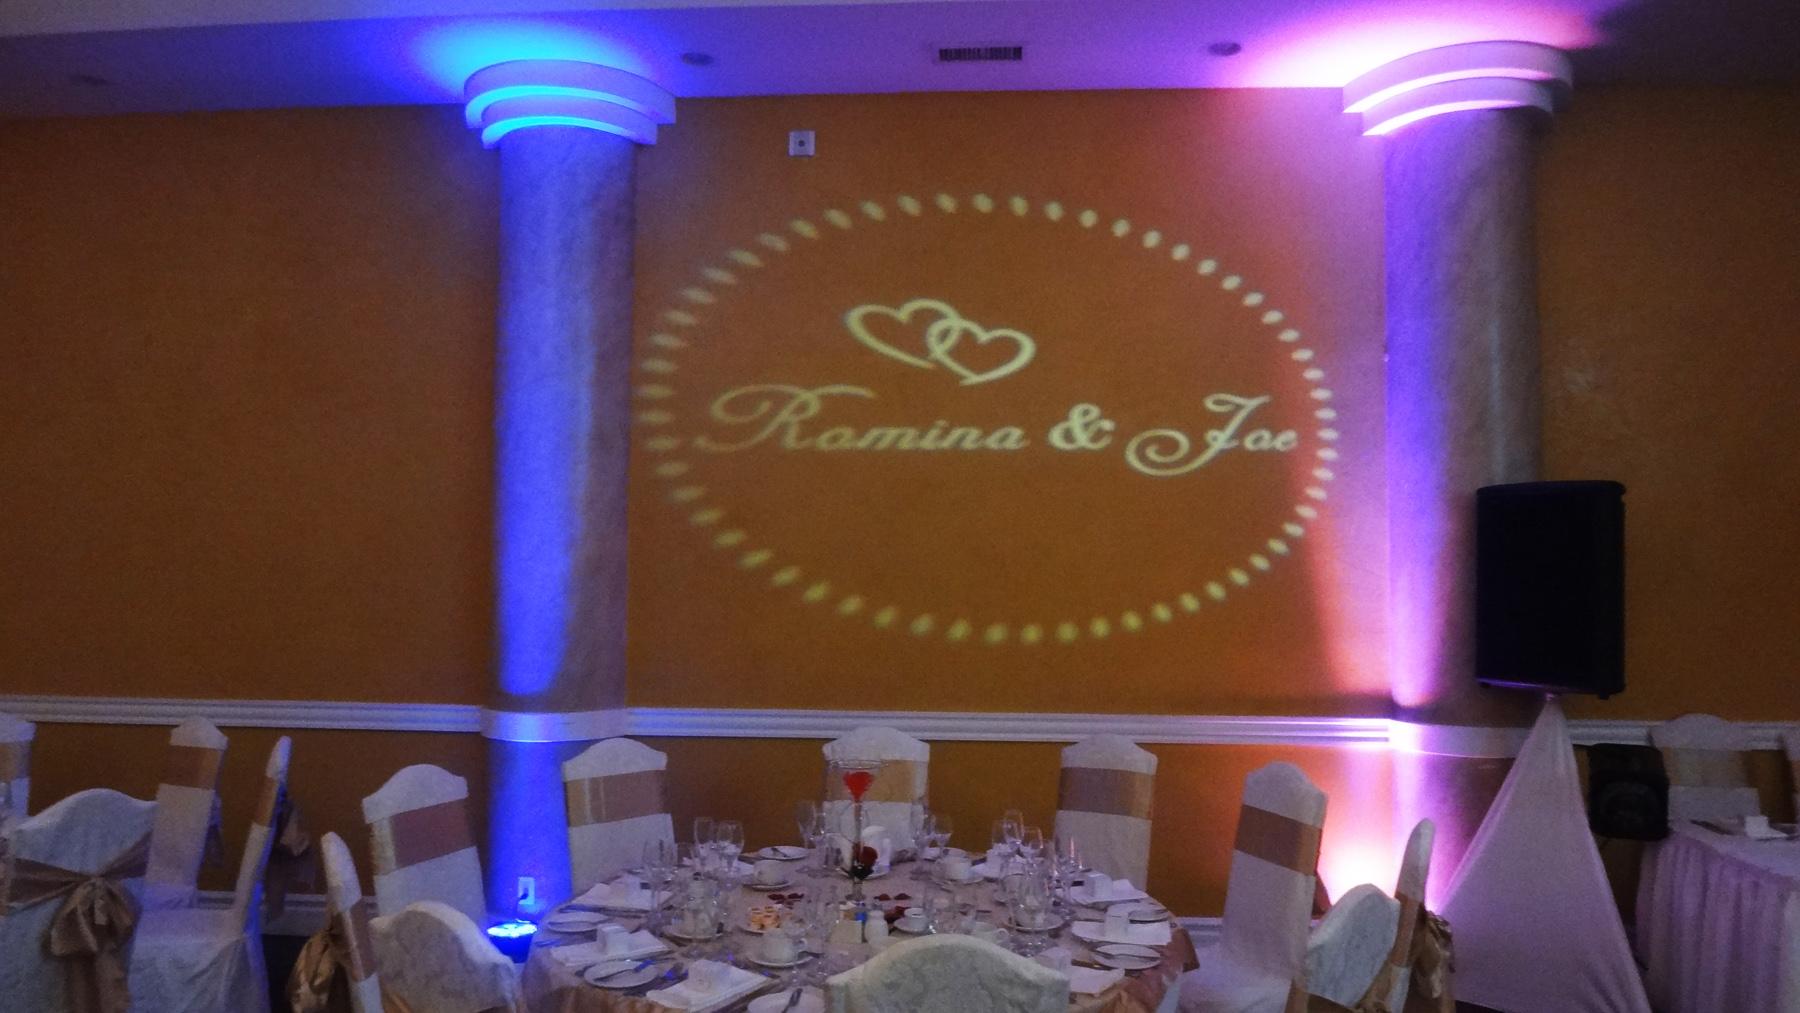 Del Vinyl la tosca wedding dj 1.jpg